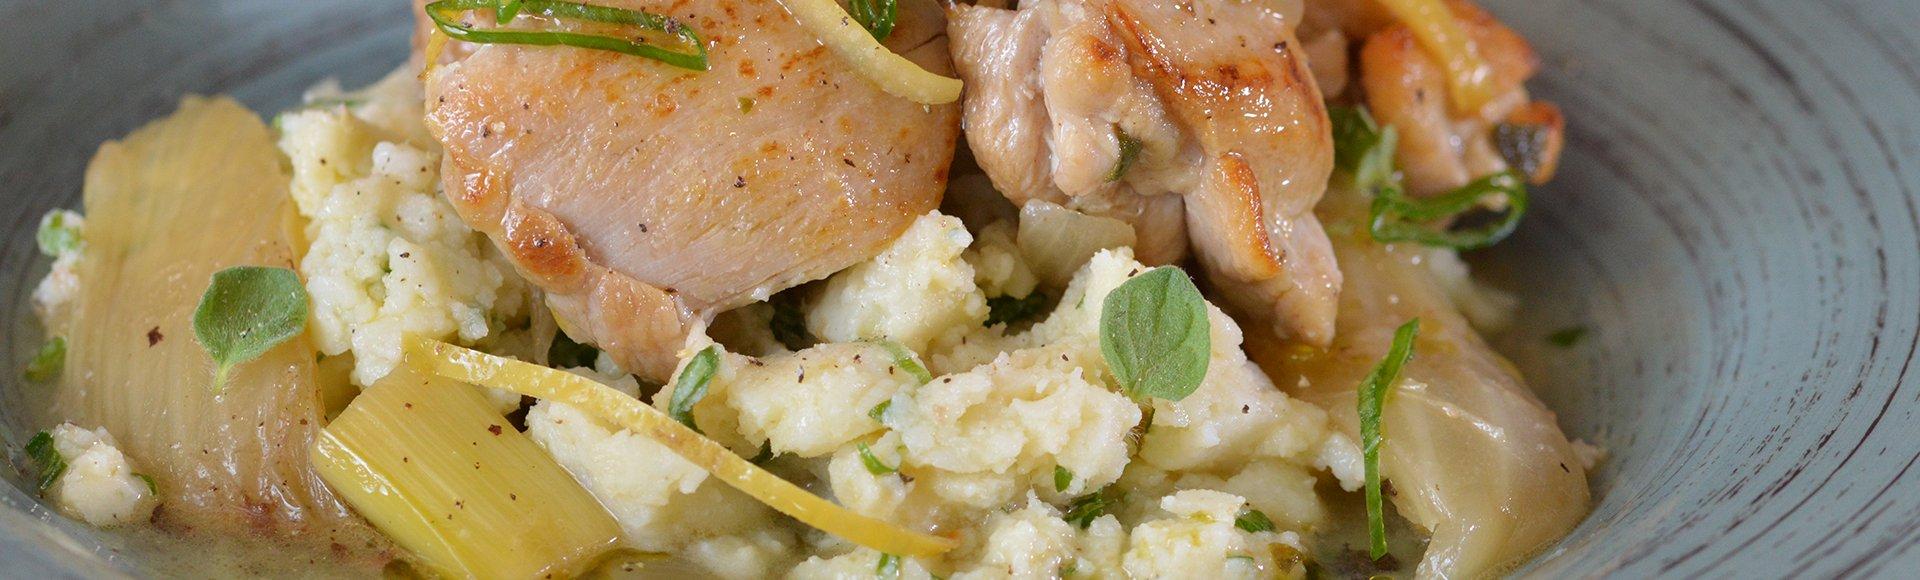 Κοτόπουλο λεμονάτο με φινόκιο και σκορδάτες σπαστές πατάτες